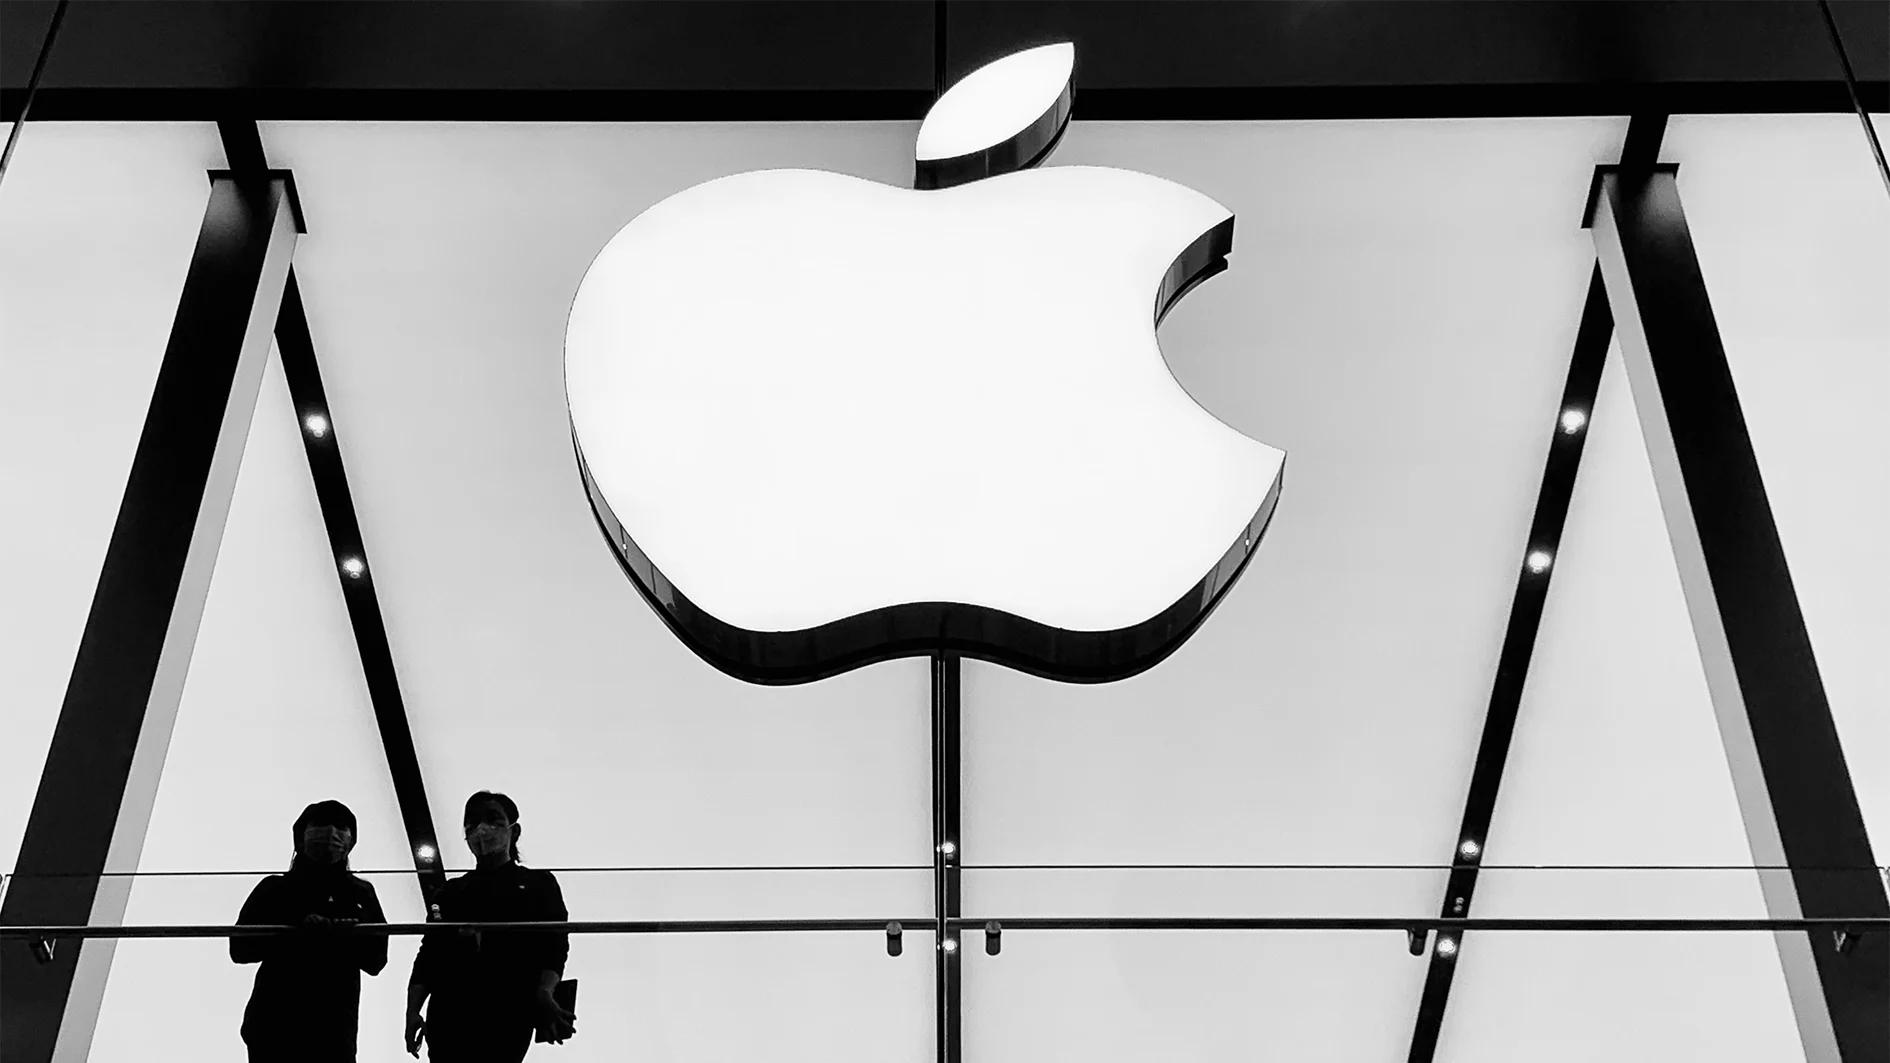 Depois da decisão, as ações da Apple caíram cerca de 3,3%, algo em torno de US$ 85 bilhões, ou R$ 443,2 bilhões.